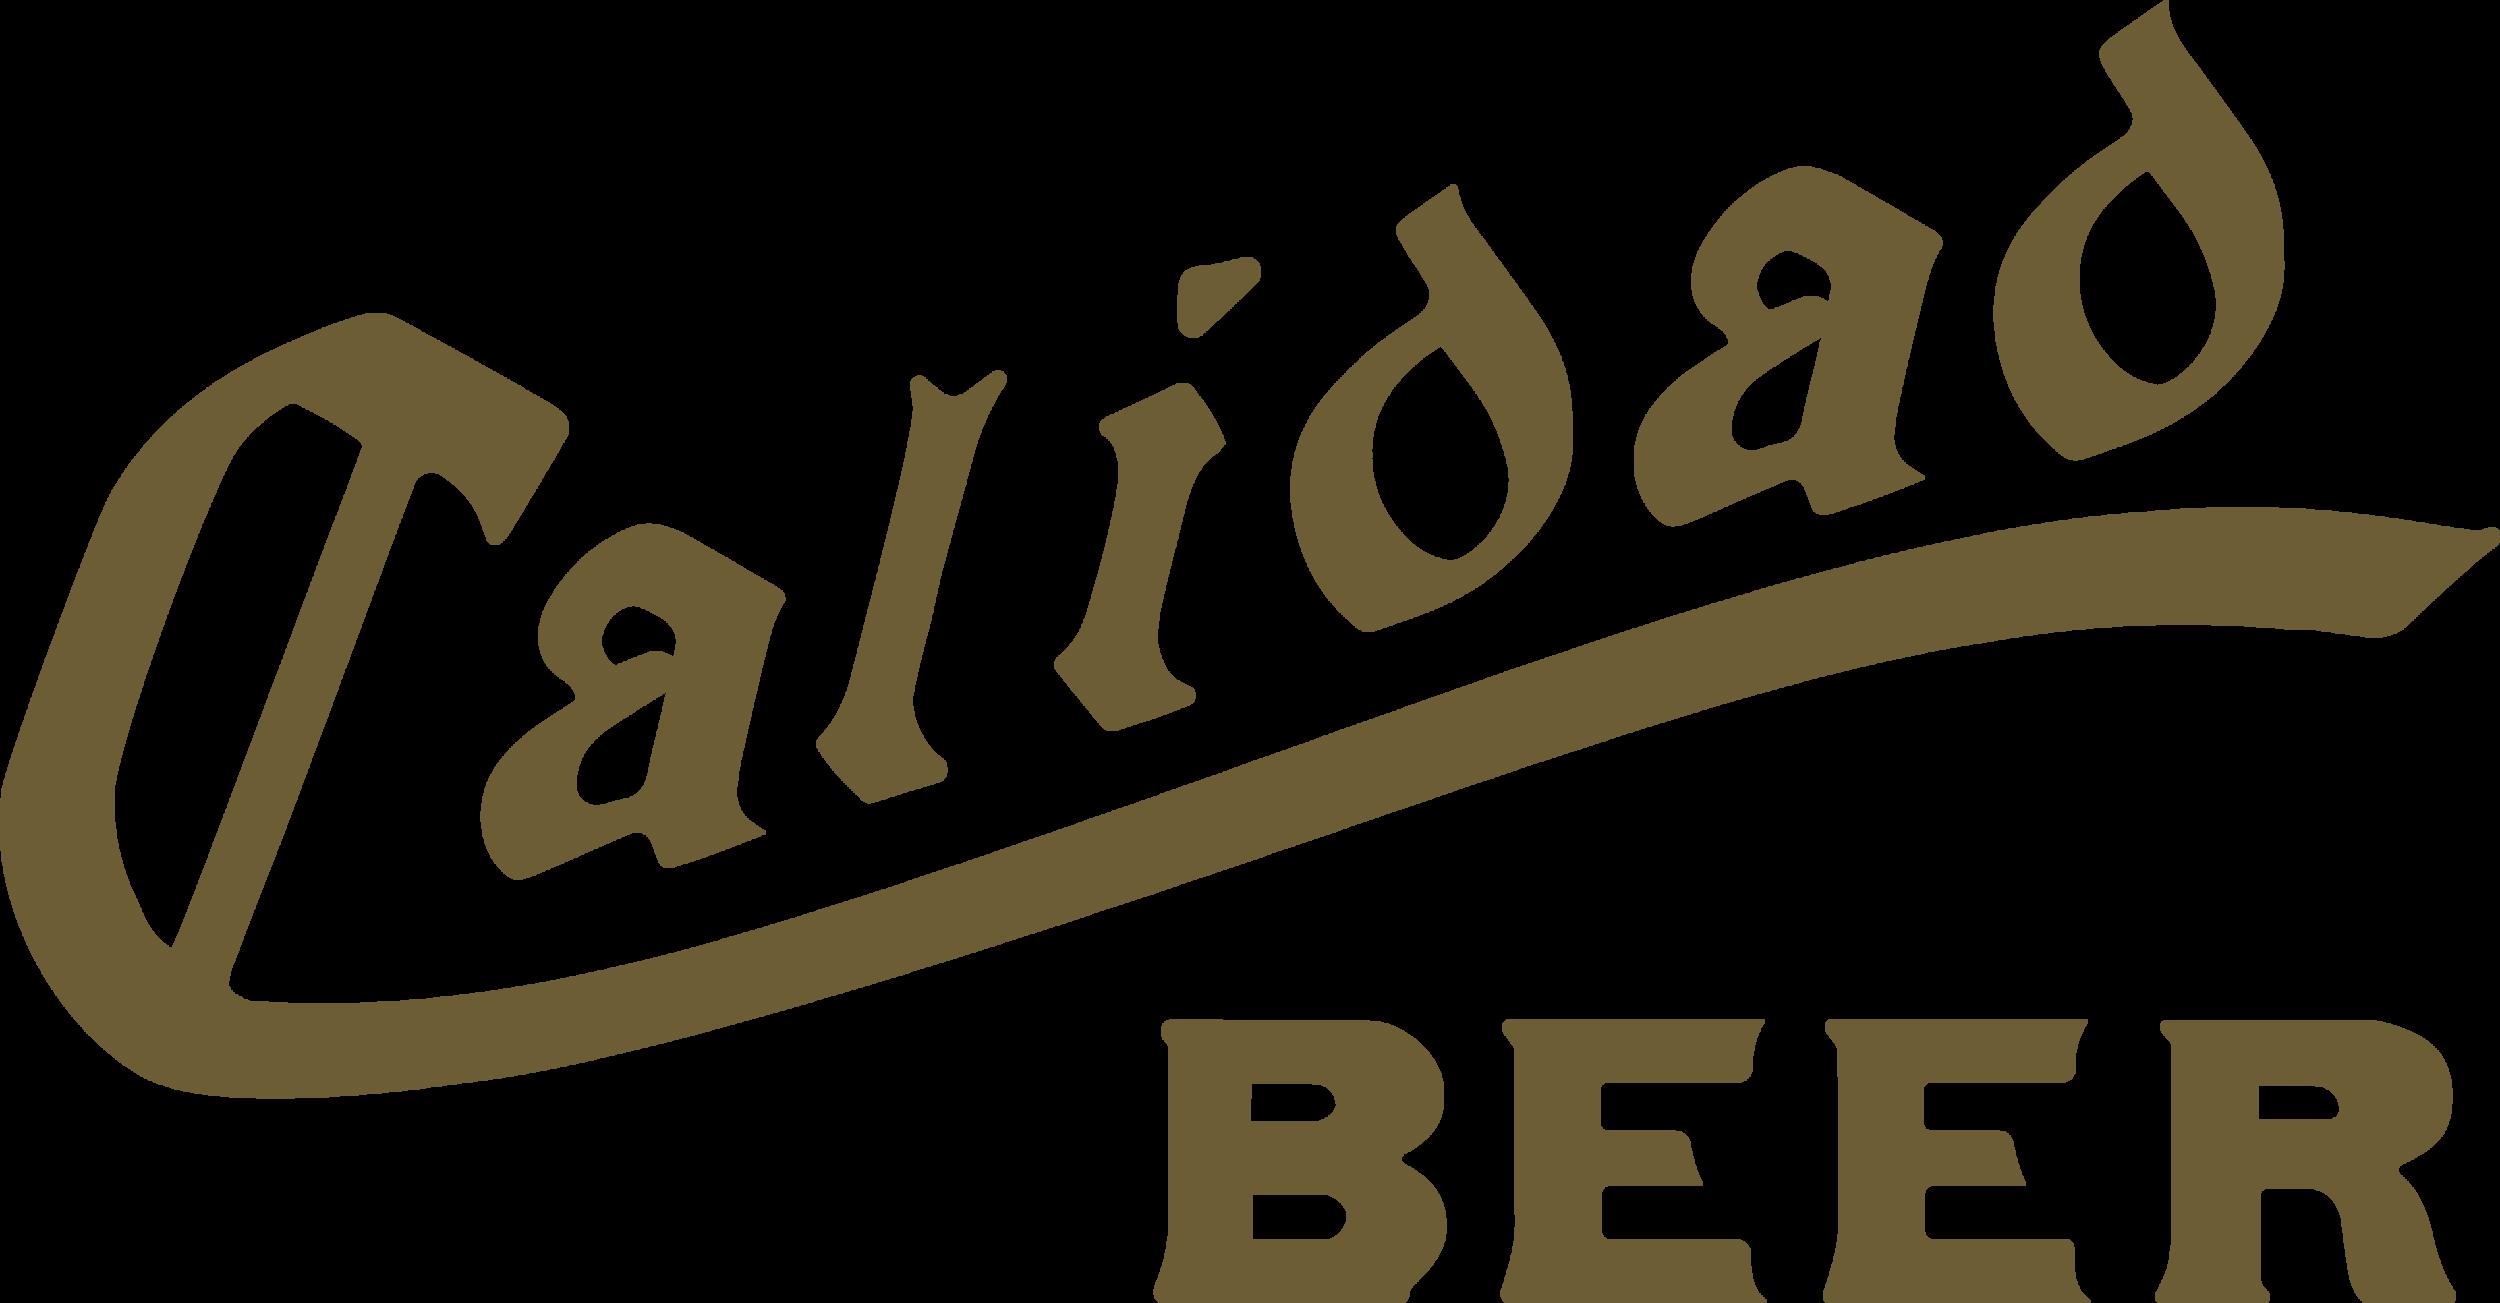 Calidad Beer.png